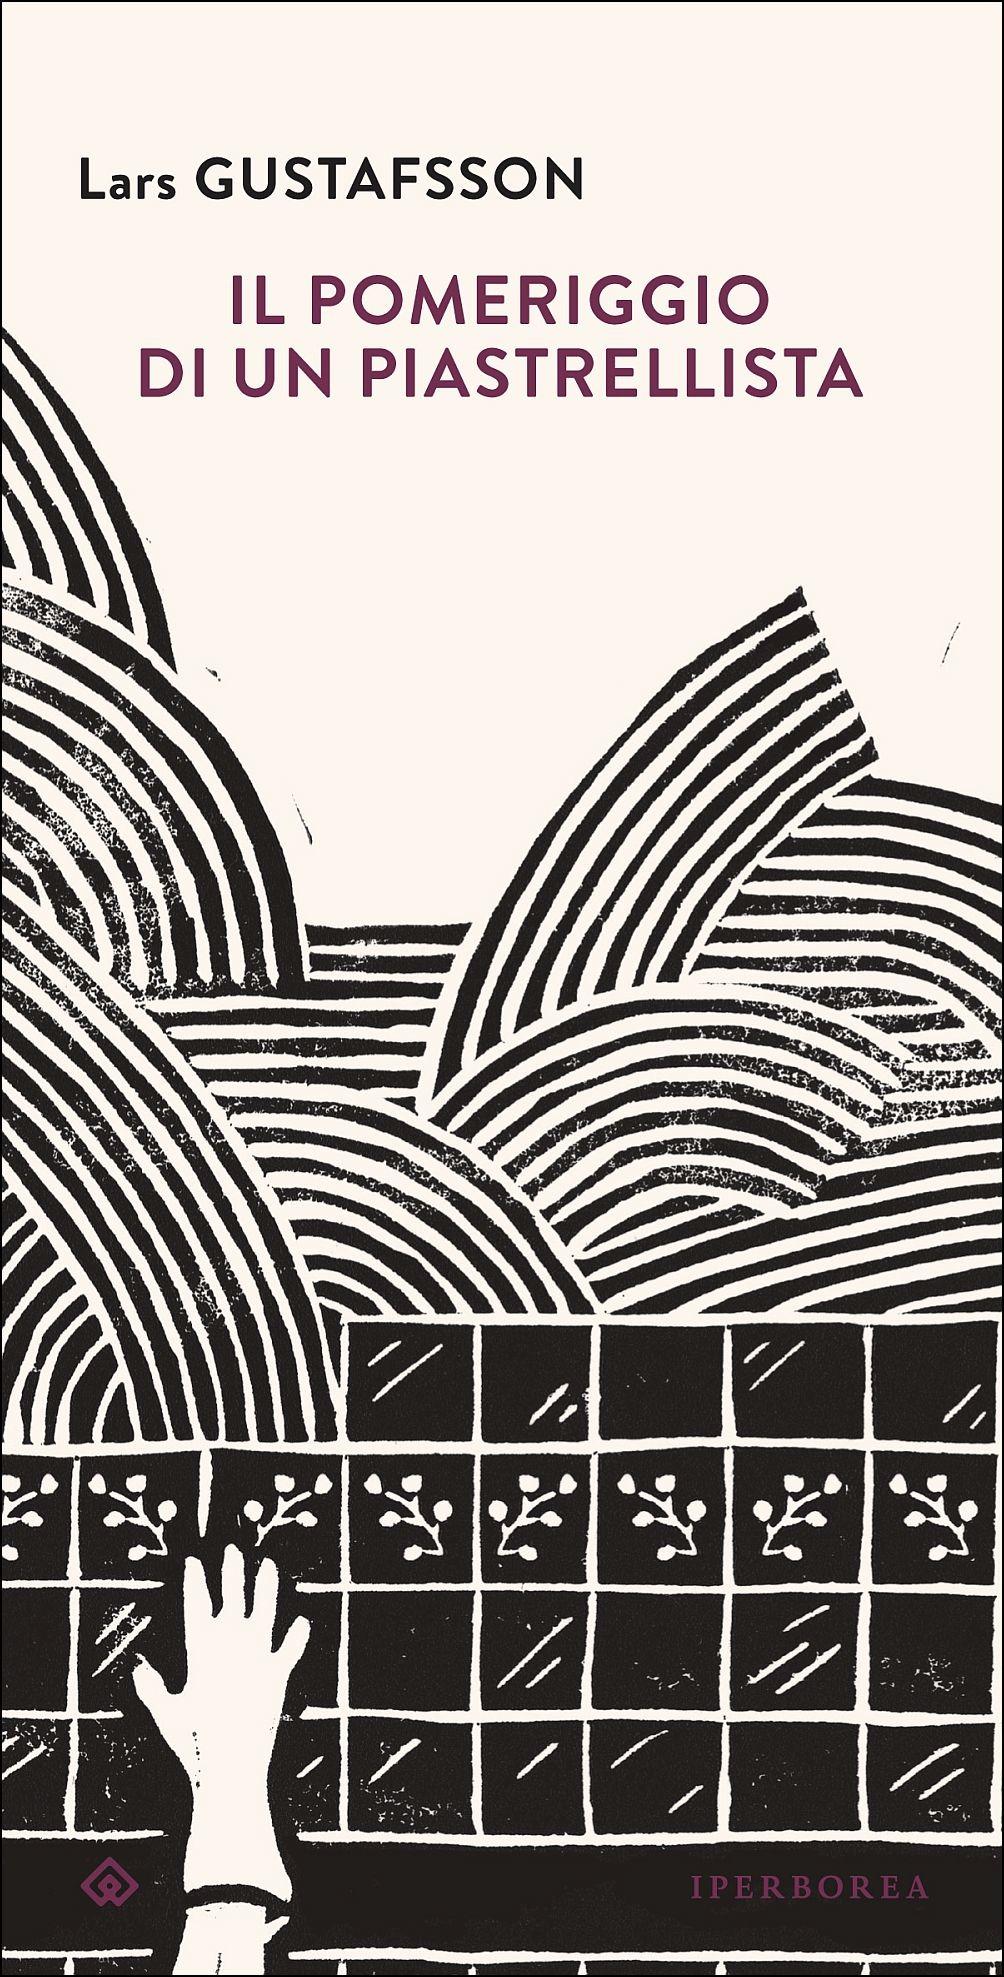 Il pomeriggio di un piastrellista di Lars Gustafsson 1 - fanzine